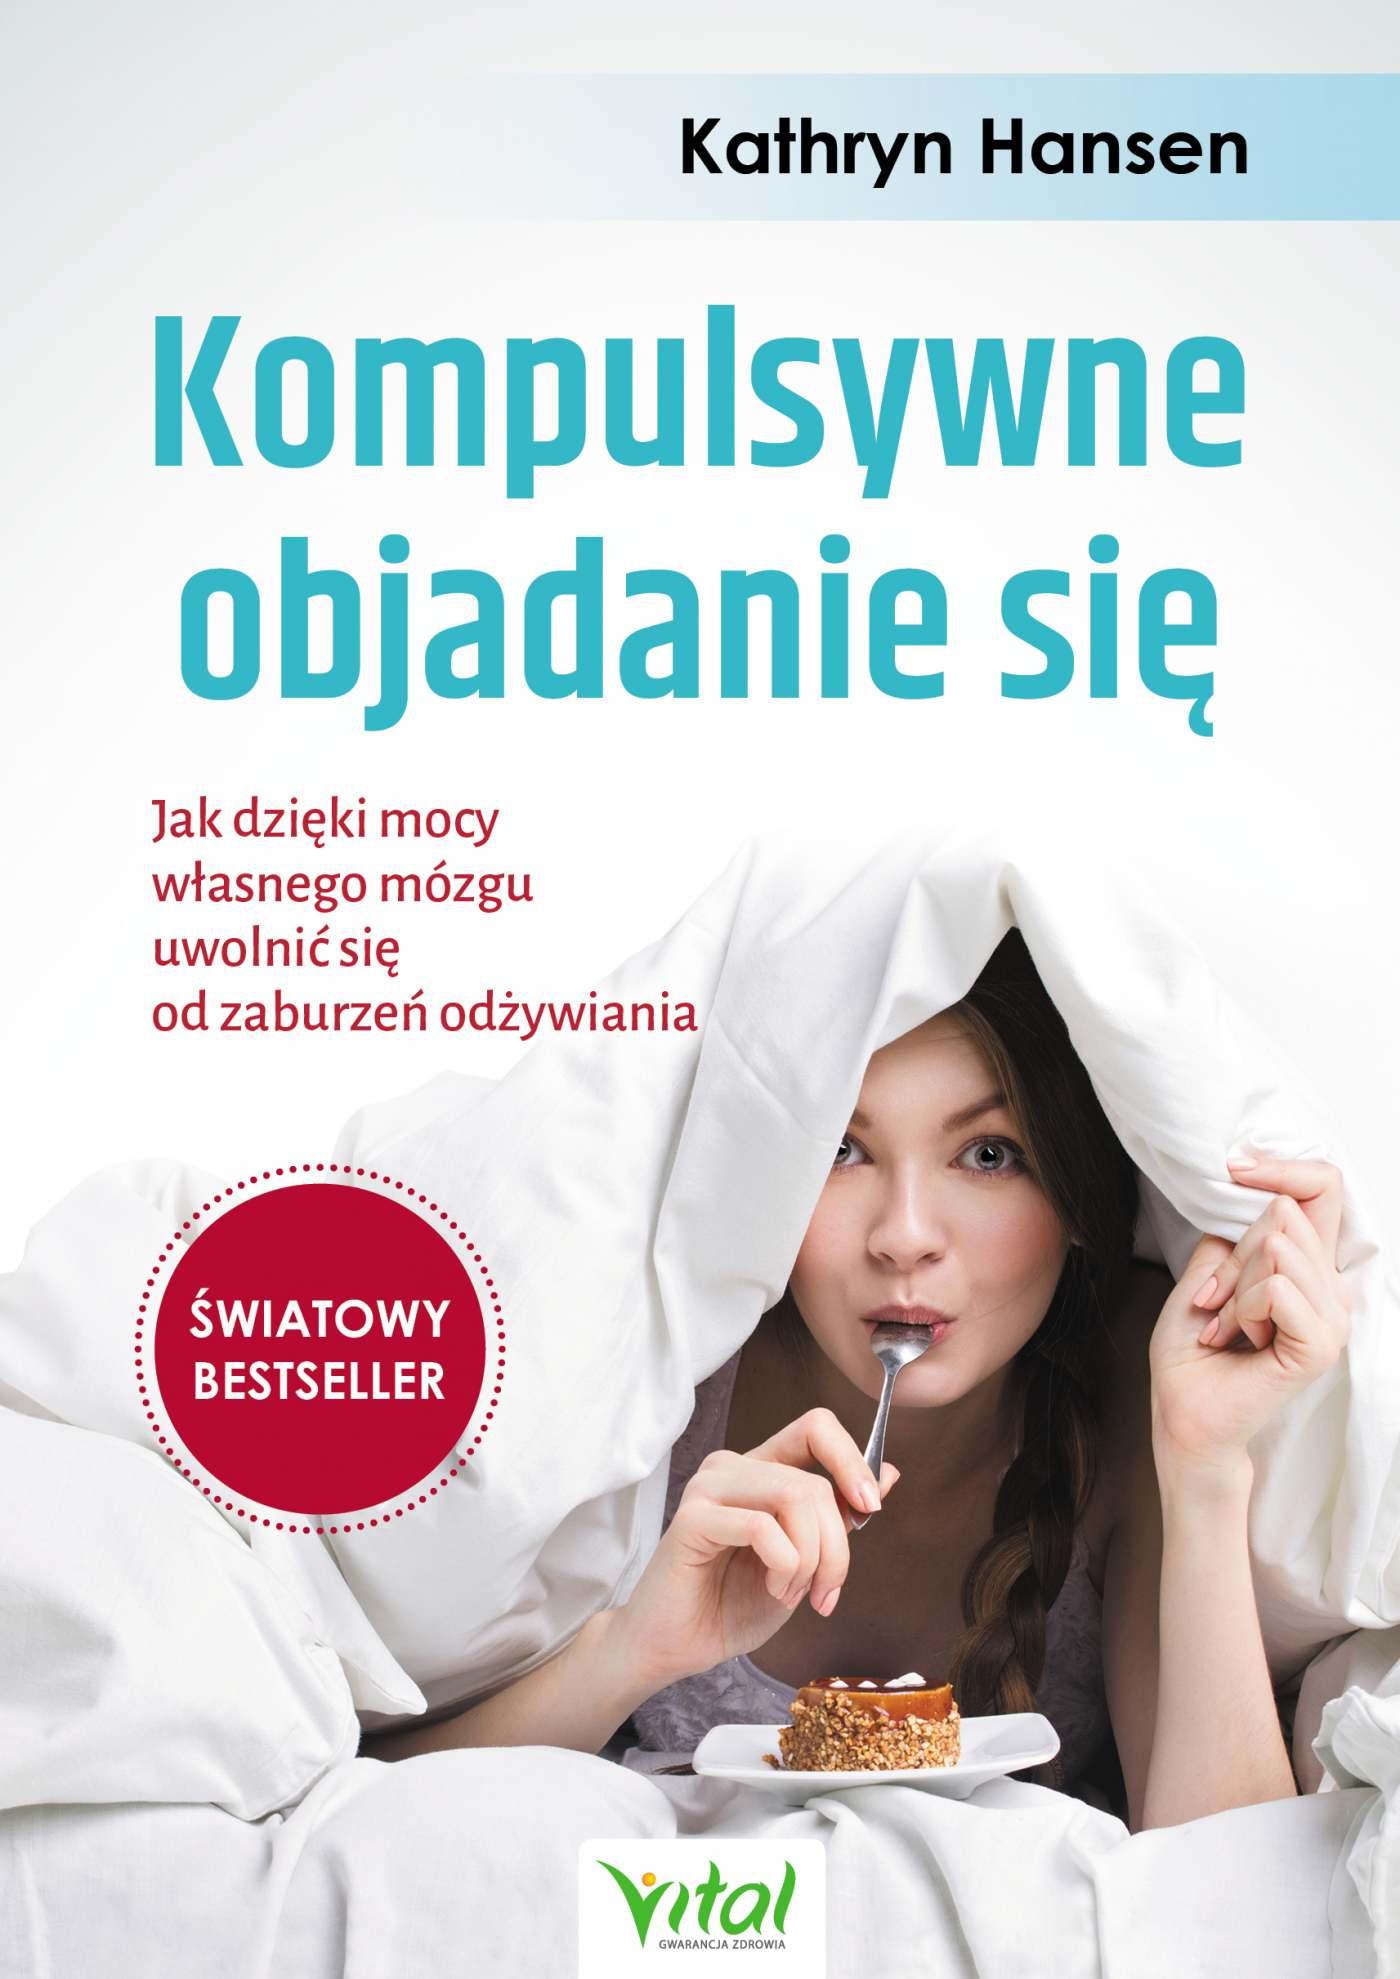 Kompulsywne objadanie się. Jak dzięki mocy własnego mózgu uwolnić się od zaburzeń odżywiania - Ebook (Książka na Kindle) do pobrania w formacie MOBI